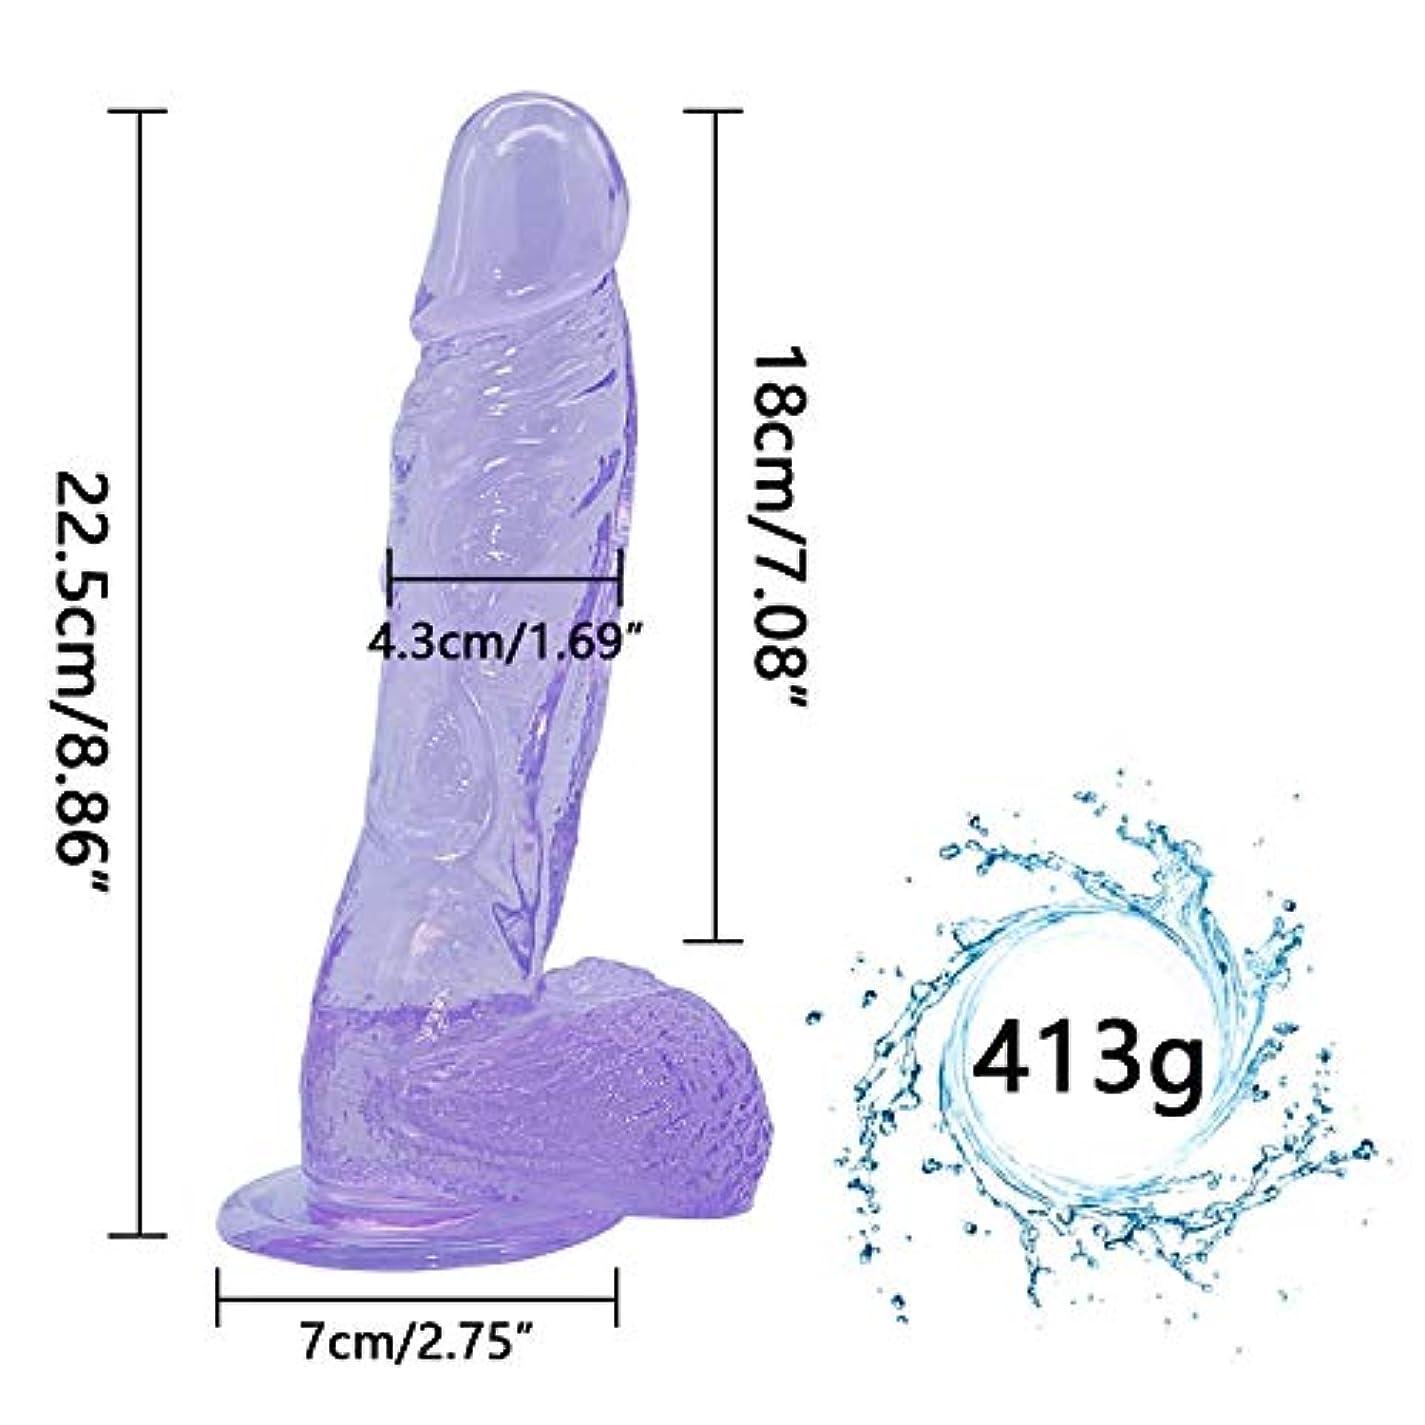 神学校肉腫ガジュマルChenXiDian 巨大な洞8.86インチのリアルなマッサージャー強力なサクションカップボディマッサージを備えた巨大なマッサージャー-機密配送-慎重な配送-出会いは秘密です 本当の感触